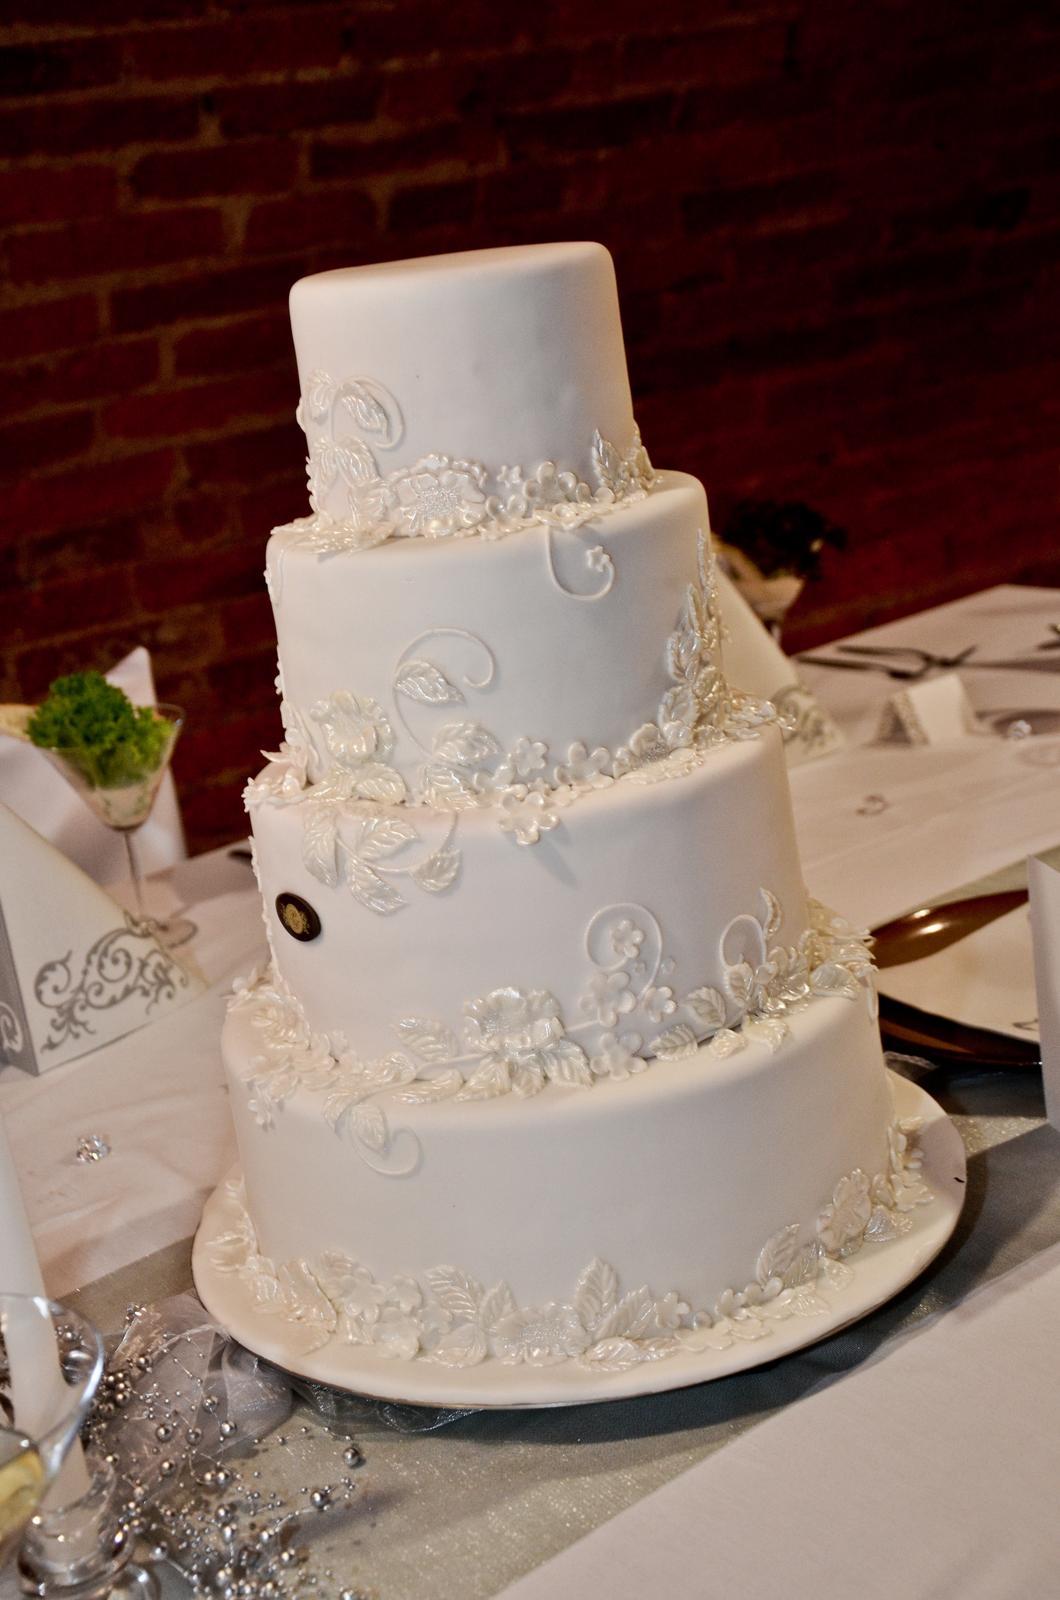 @niccollete doporučuji prokopovy dorty... - Obrázek č. 1